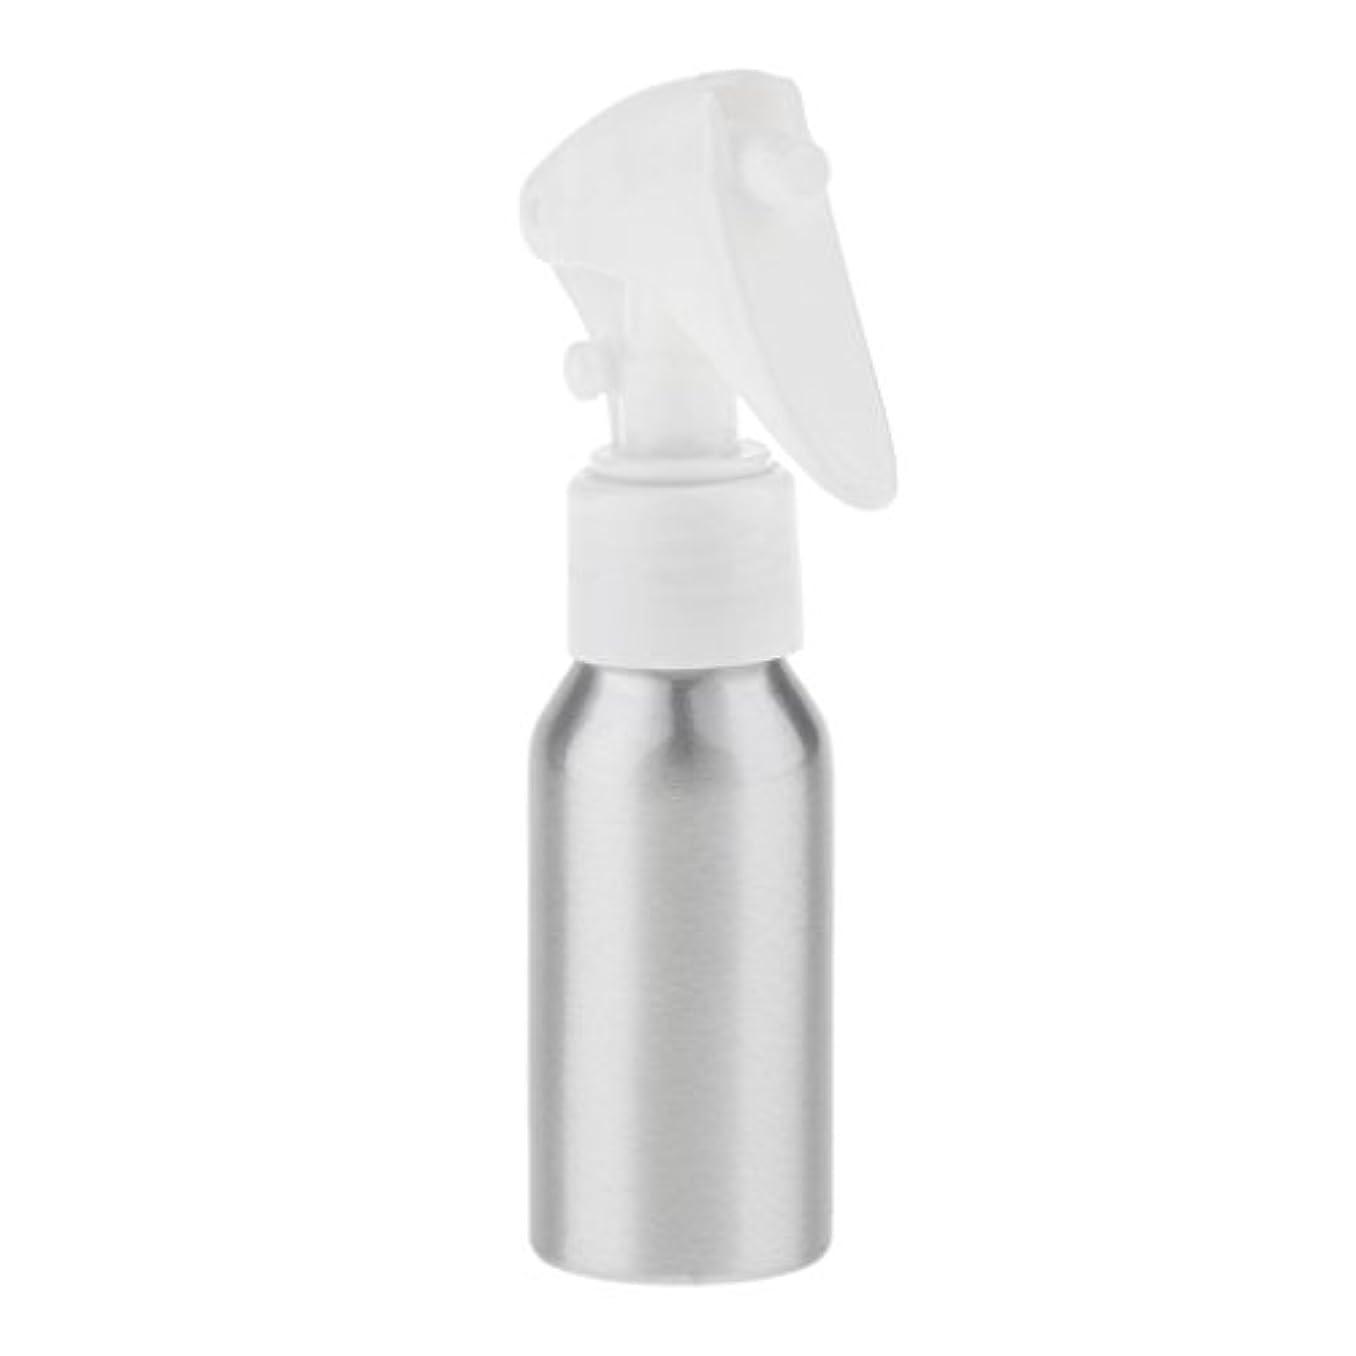 工場疲労モジュールスプレーボトル 空ボトル 水スプレー スプレー ポンプボトル 噴霧器 家庭用 プロのサロン 多機能 6サイズ選択 - 50ML